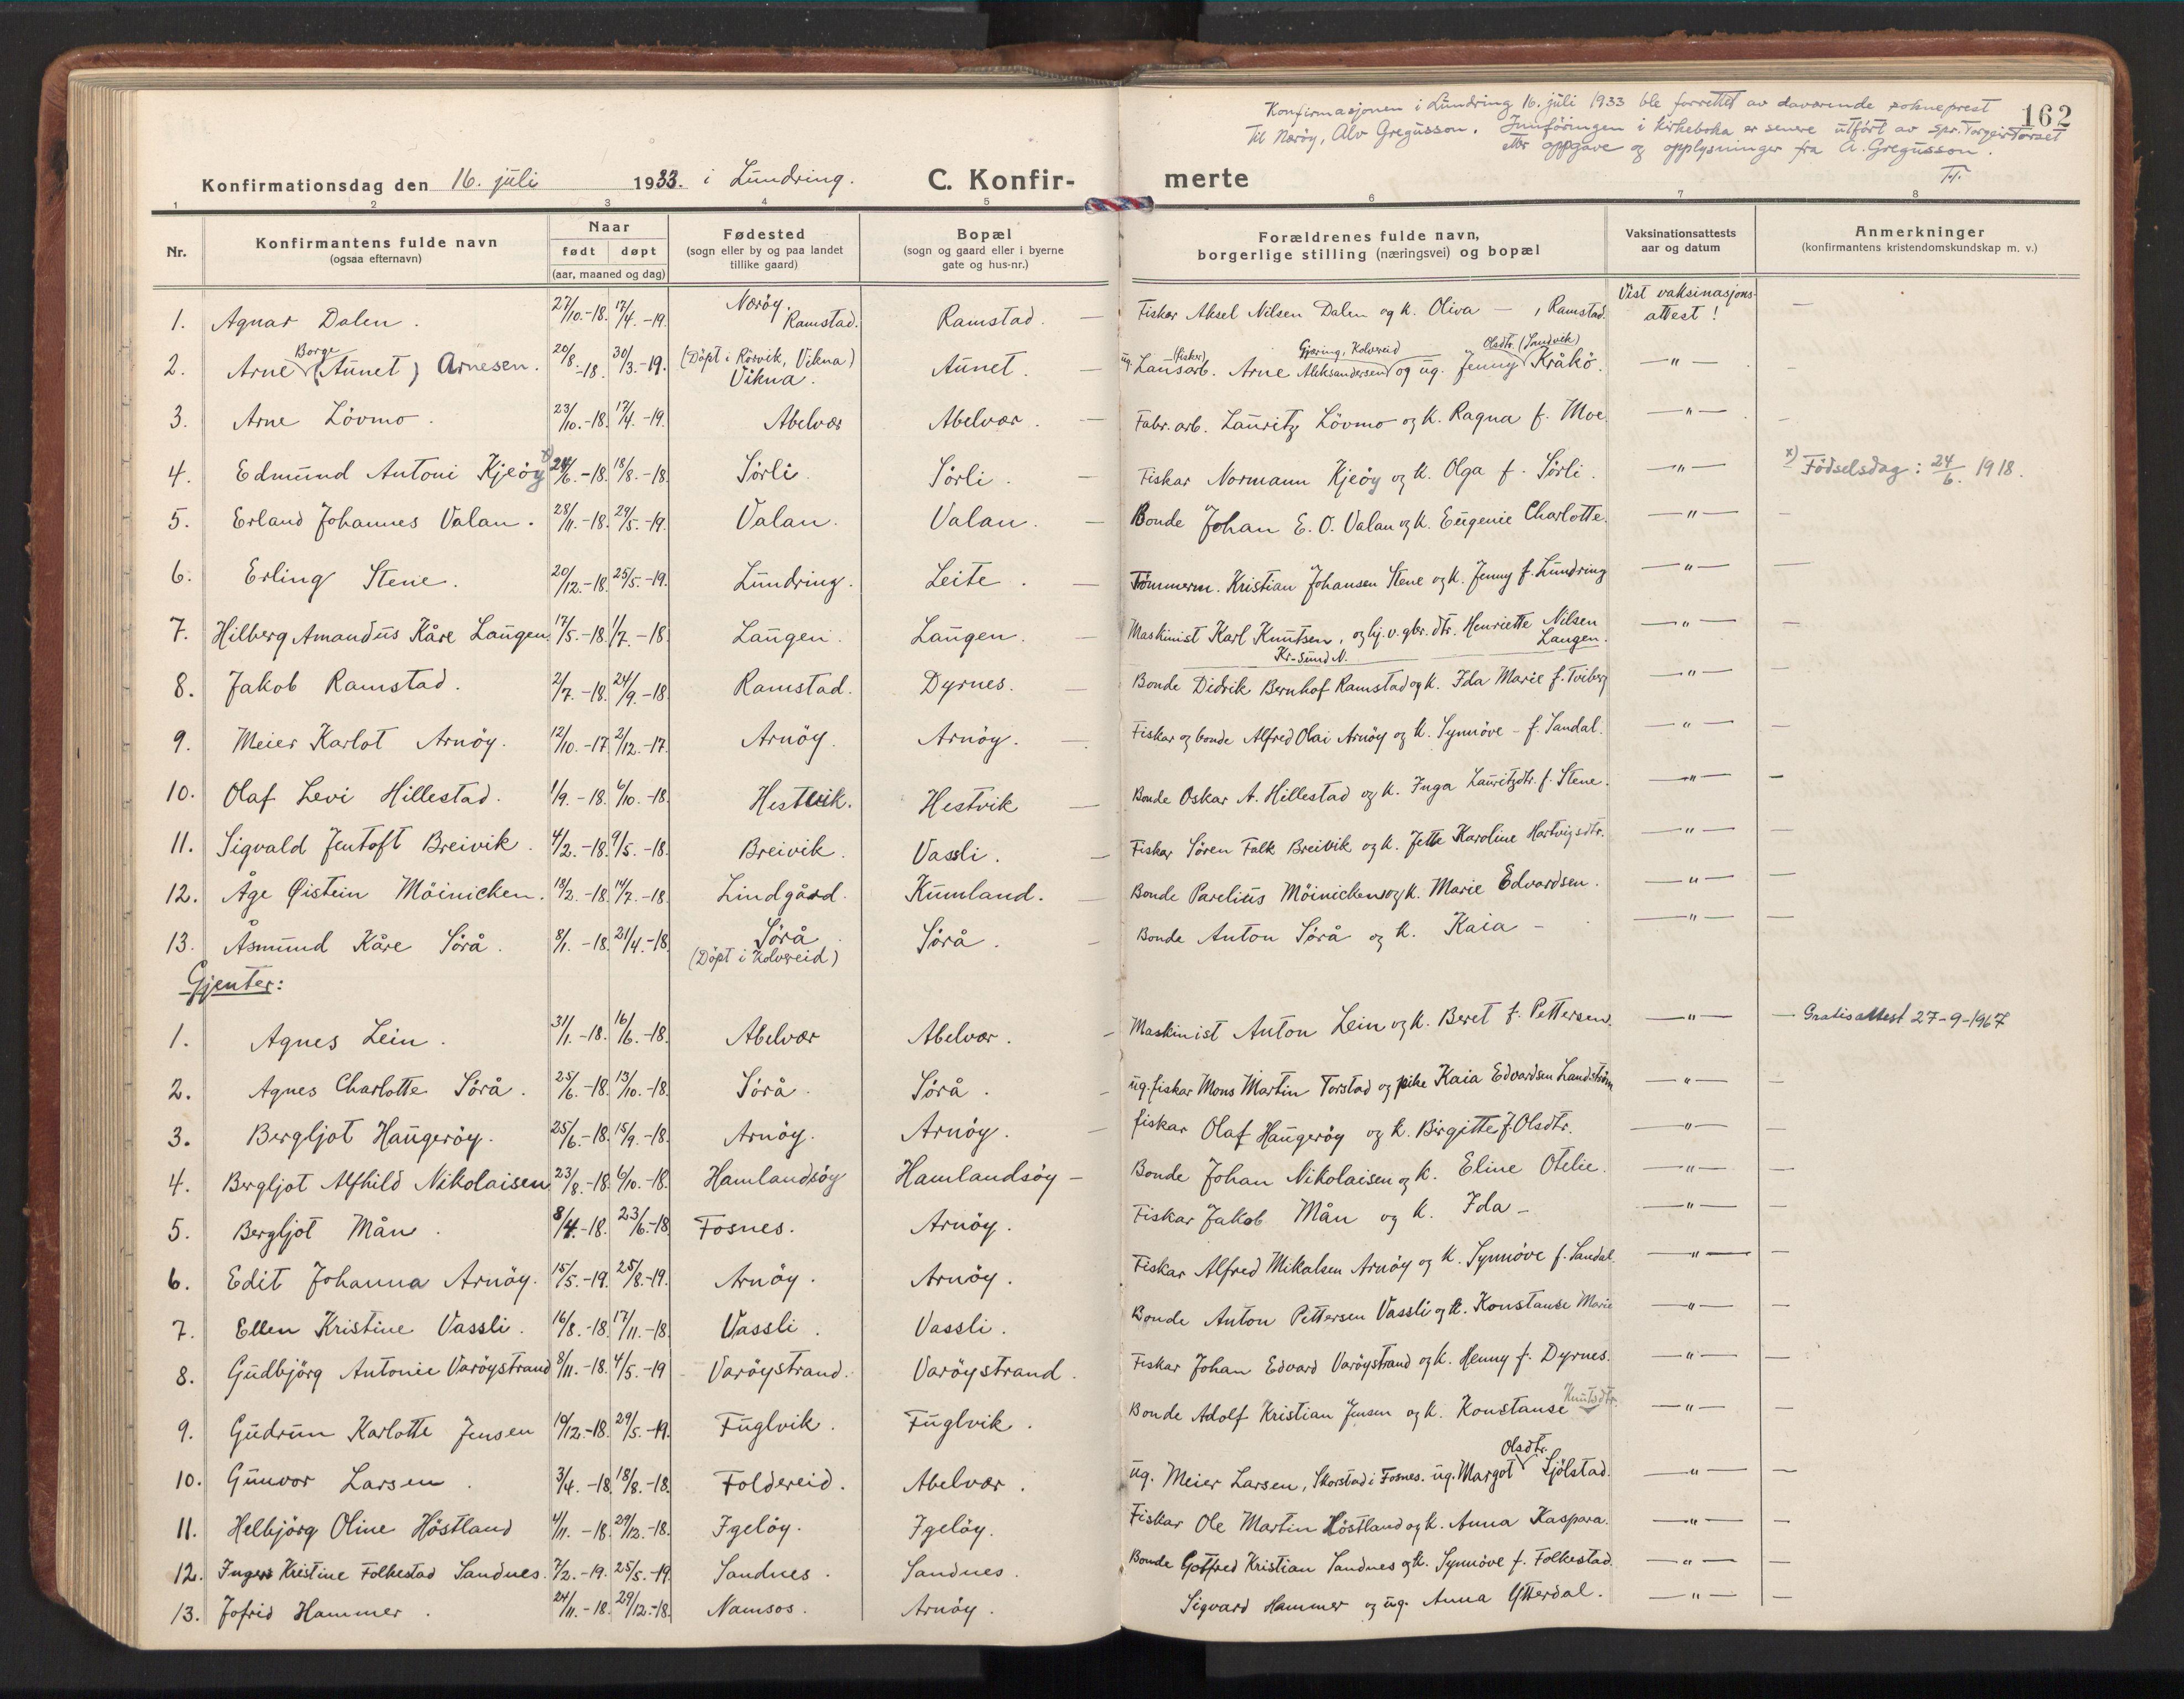 SAT, Ministerialprotokoller, klokkerbøker og fødselsregistre - Nord-Trøndelag, 784/L0678: Ministerialbok nr. 784A13, 1921-1938, s. 162